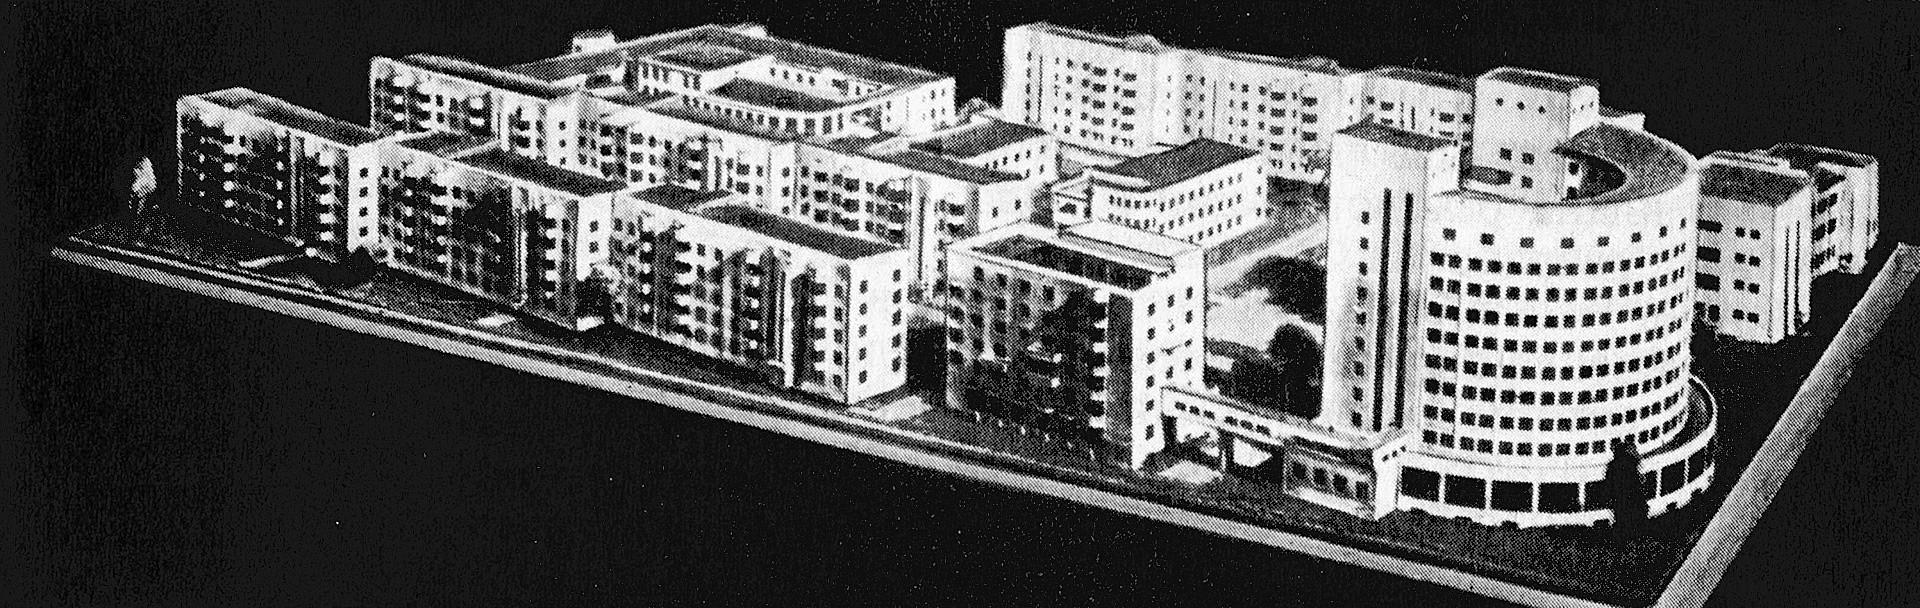 Plan orginal para la Aldea de los Chekistas realizado por Iván Antónov y Veniamín Sokolov, 1929.